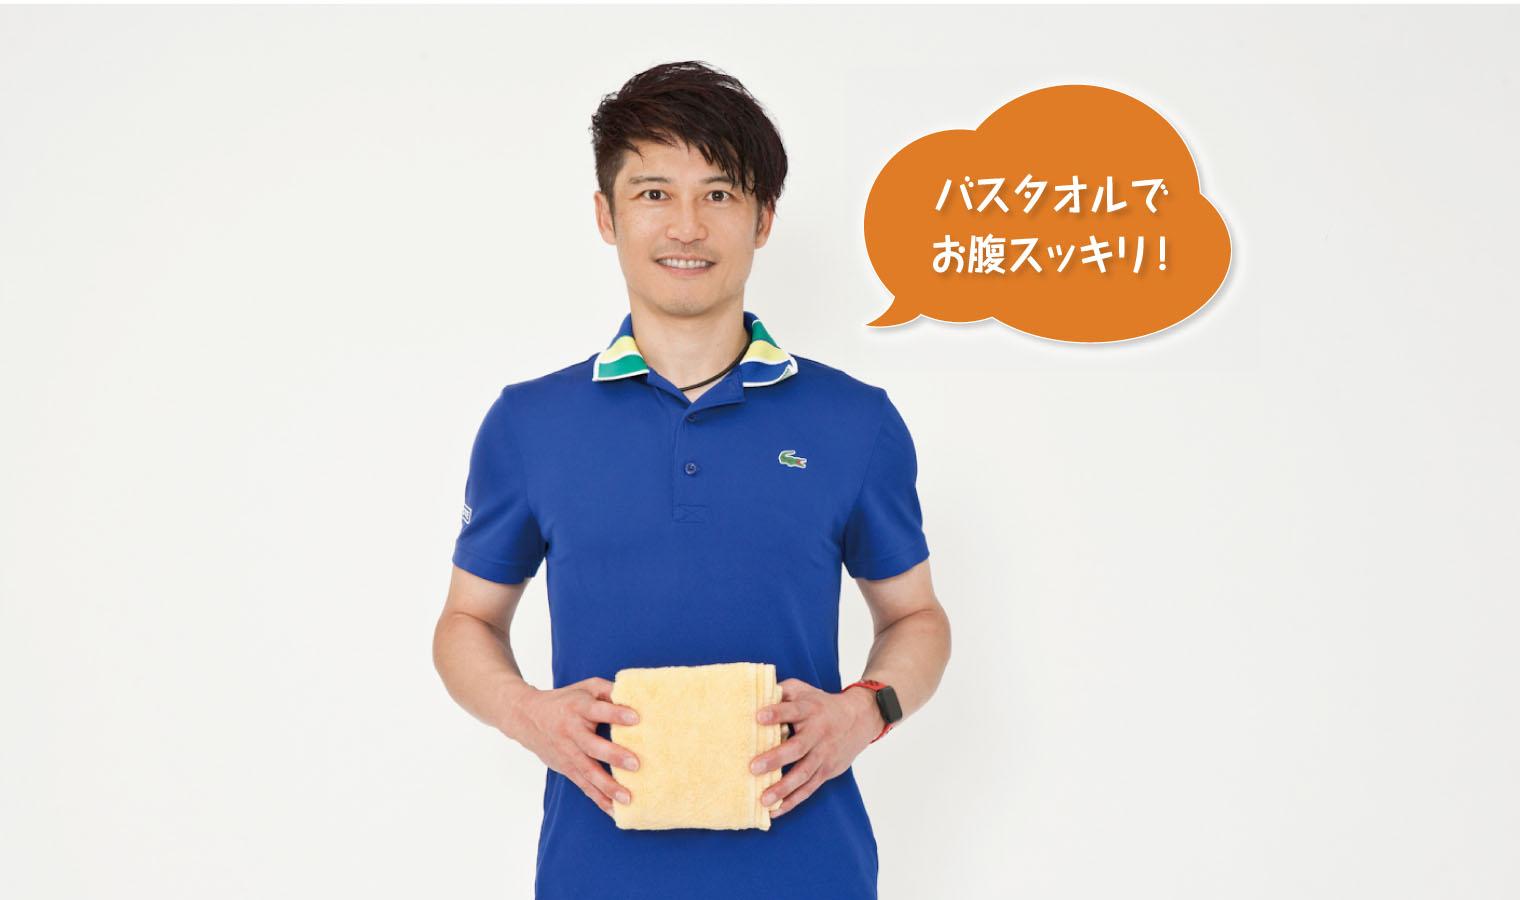 小山圭介さん 美腹の作り方 バスタオルTOP